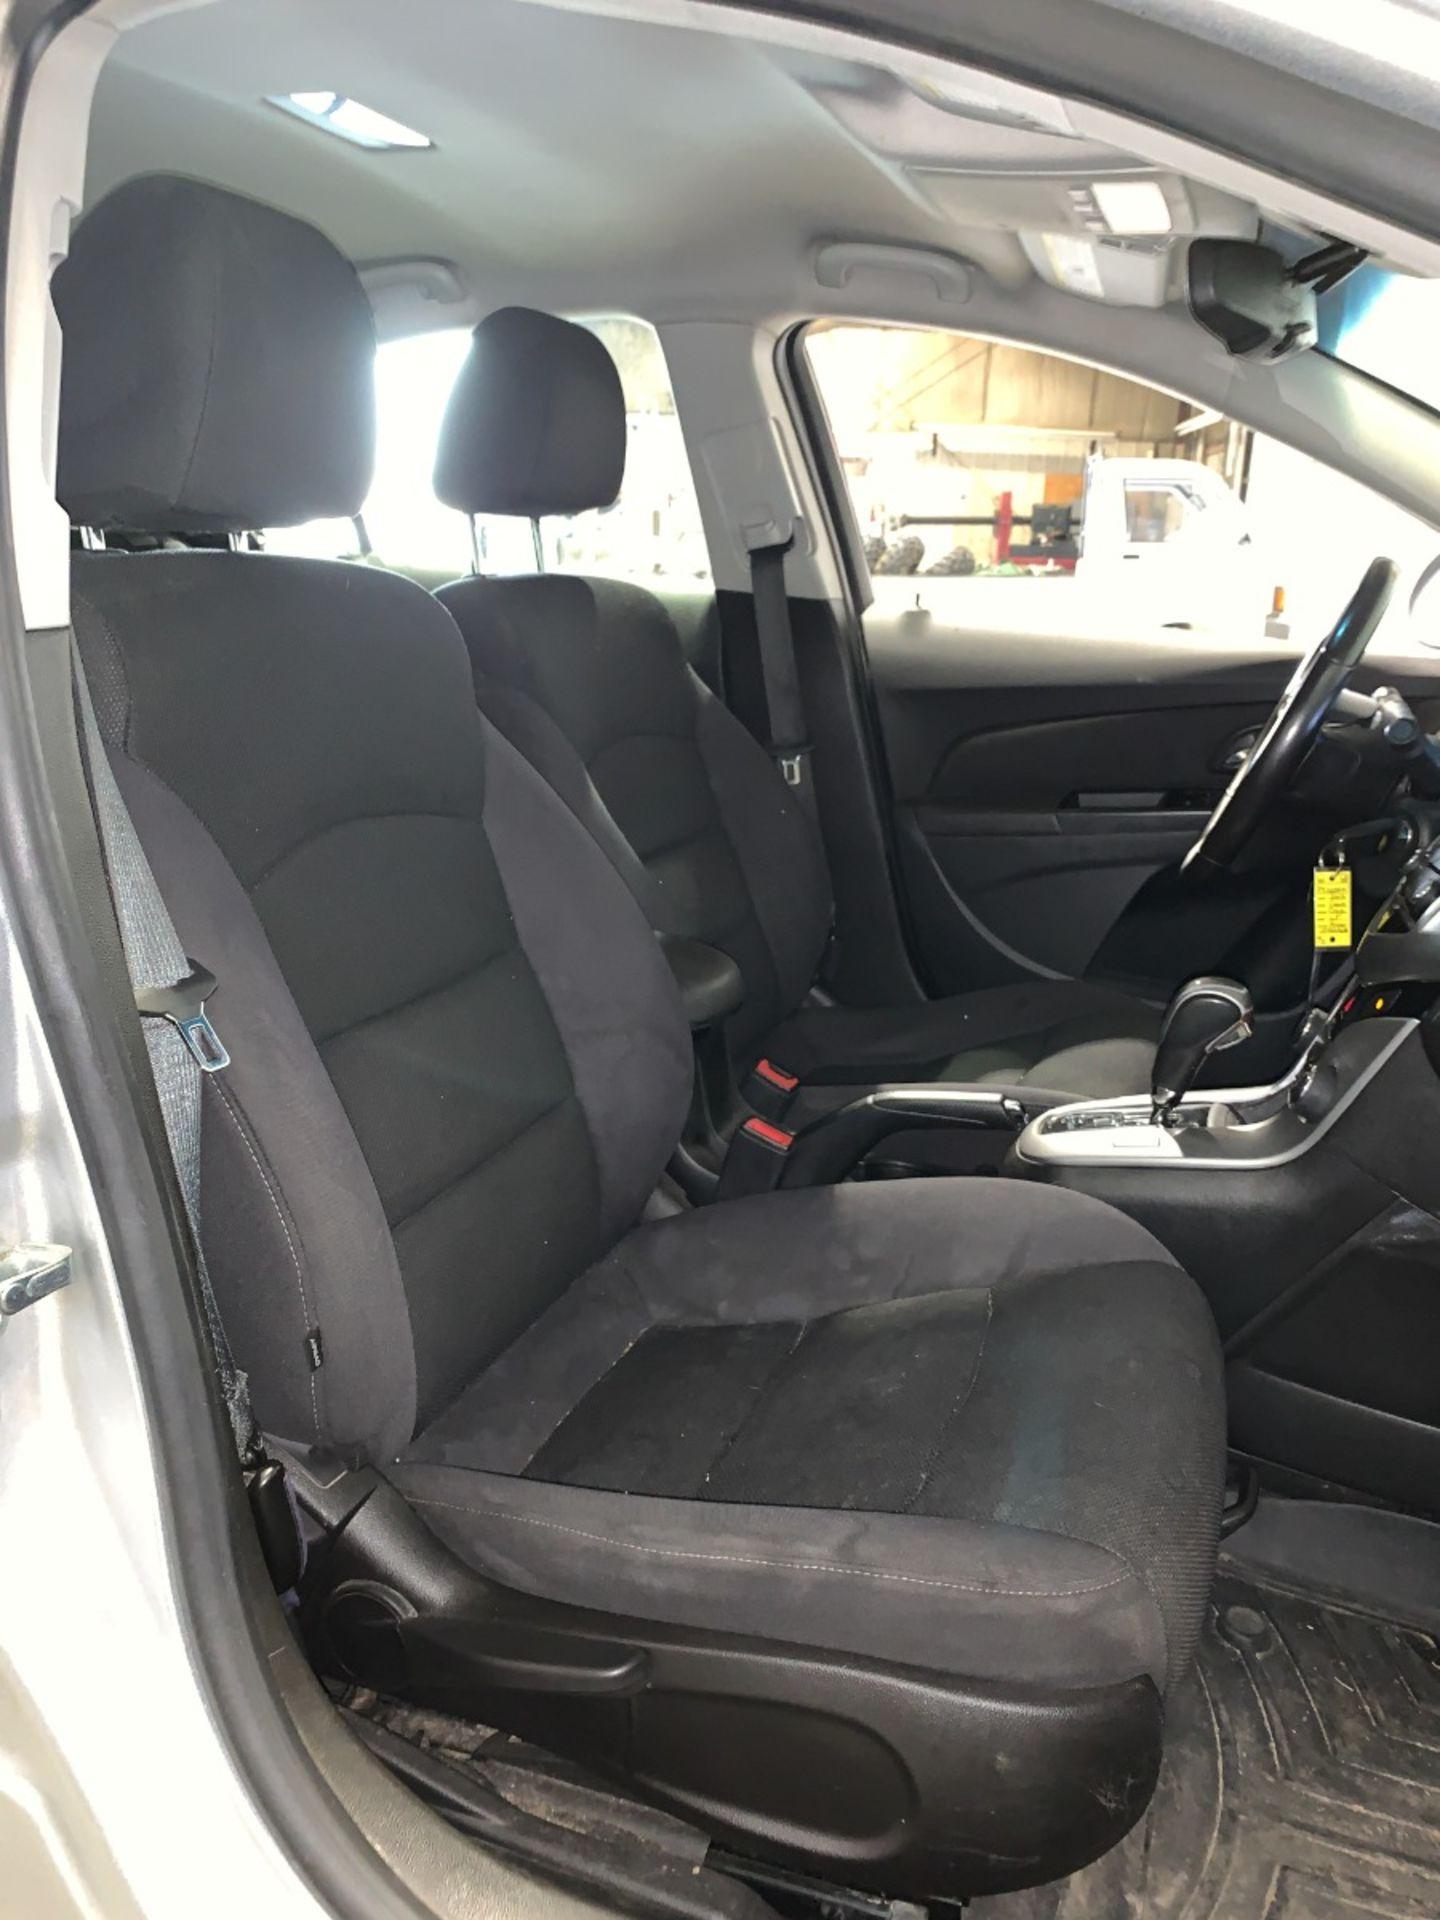 2013 Chevrolet Cruze LT Turbo for sale in Peace River, Alberta